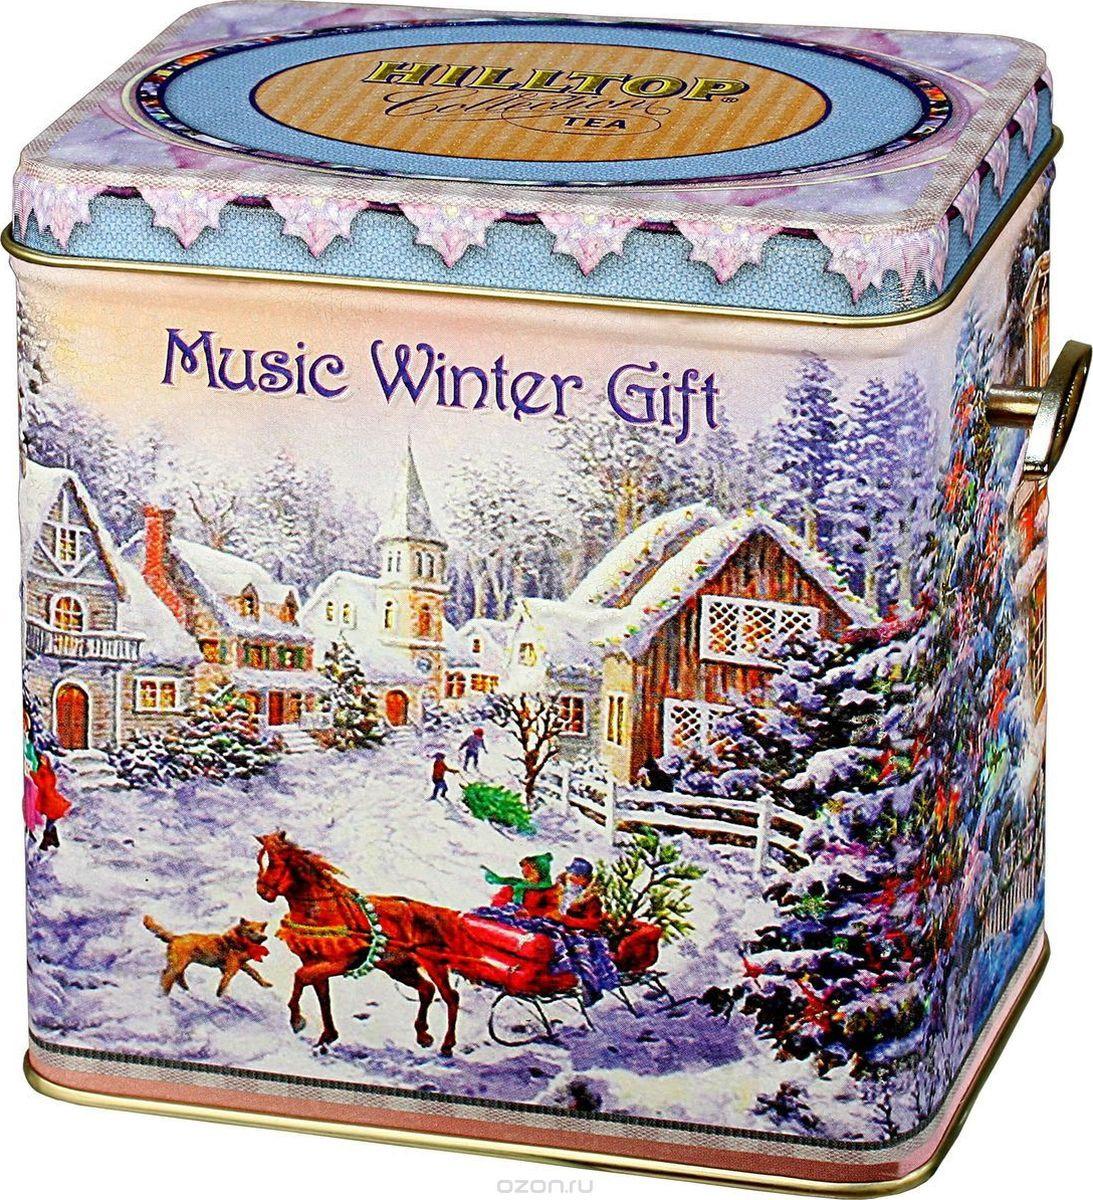 Hilltop Шкатулка Музыкальный зимний подарок Королевское золото черный листовой чай, 100 г hilltop пасхальный подарок черное золото черный листовой чай 80 г